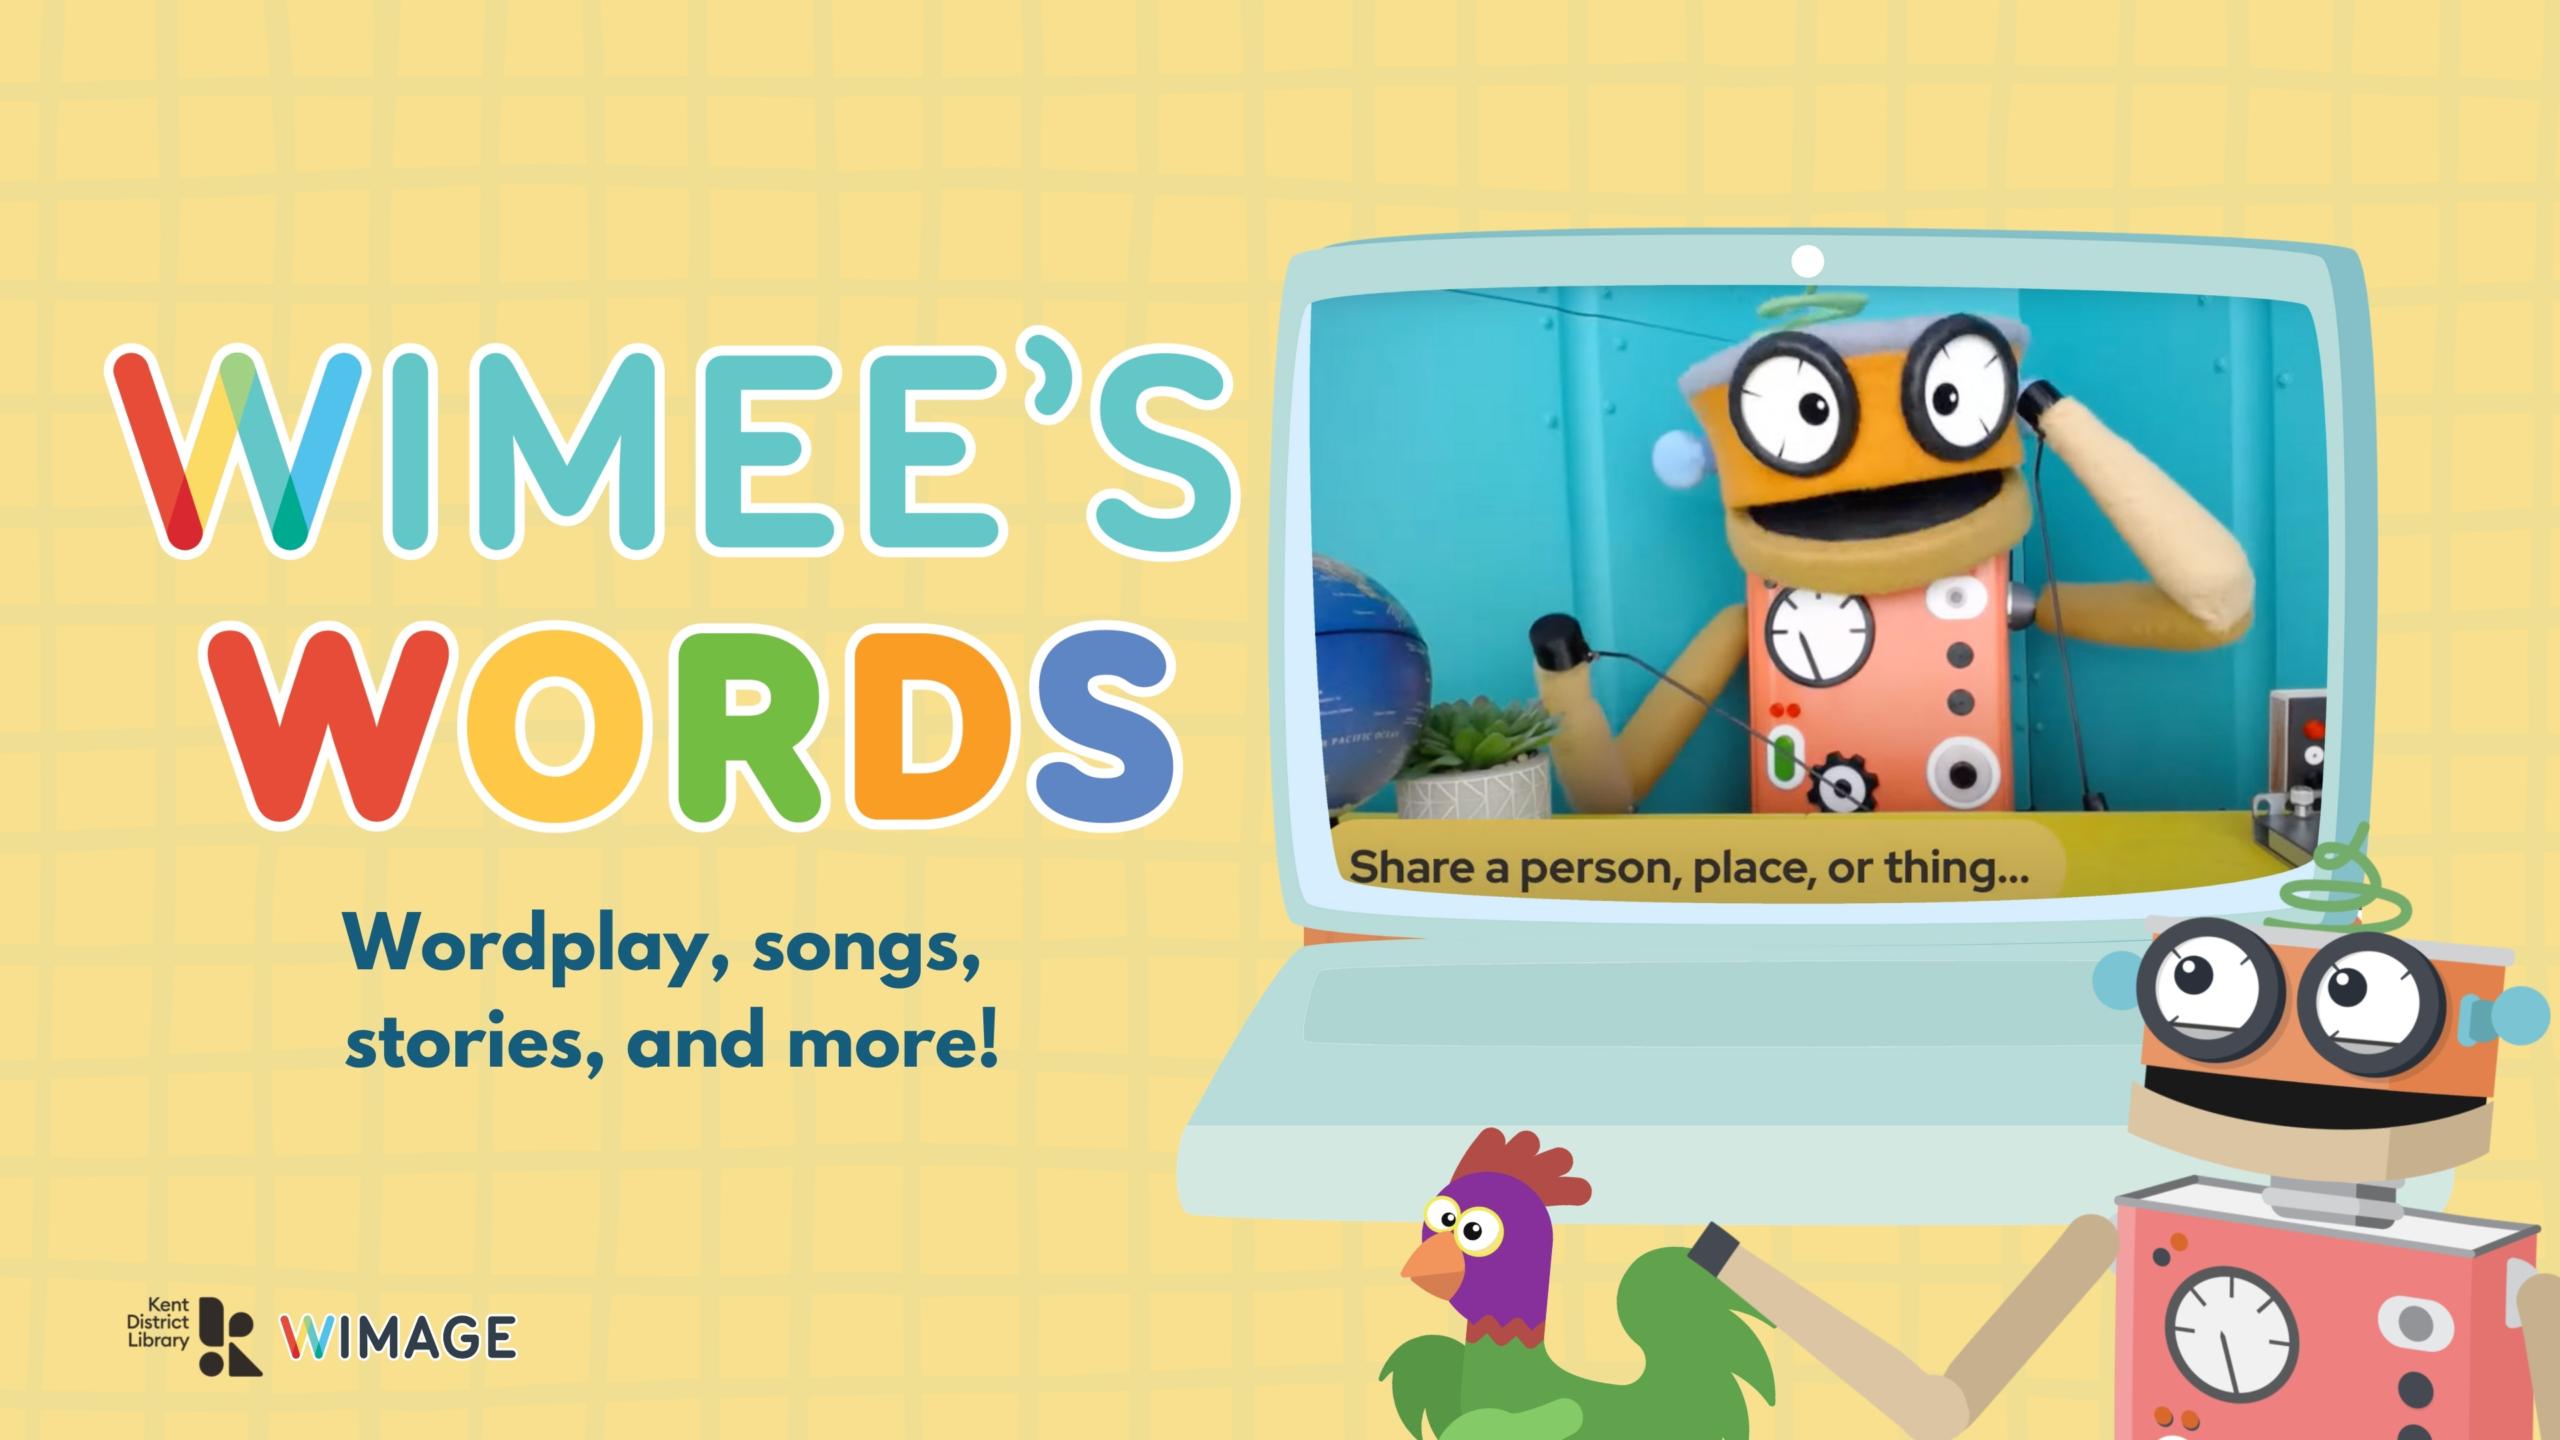 Wimee's Words Header image